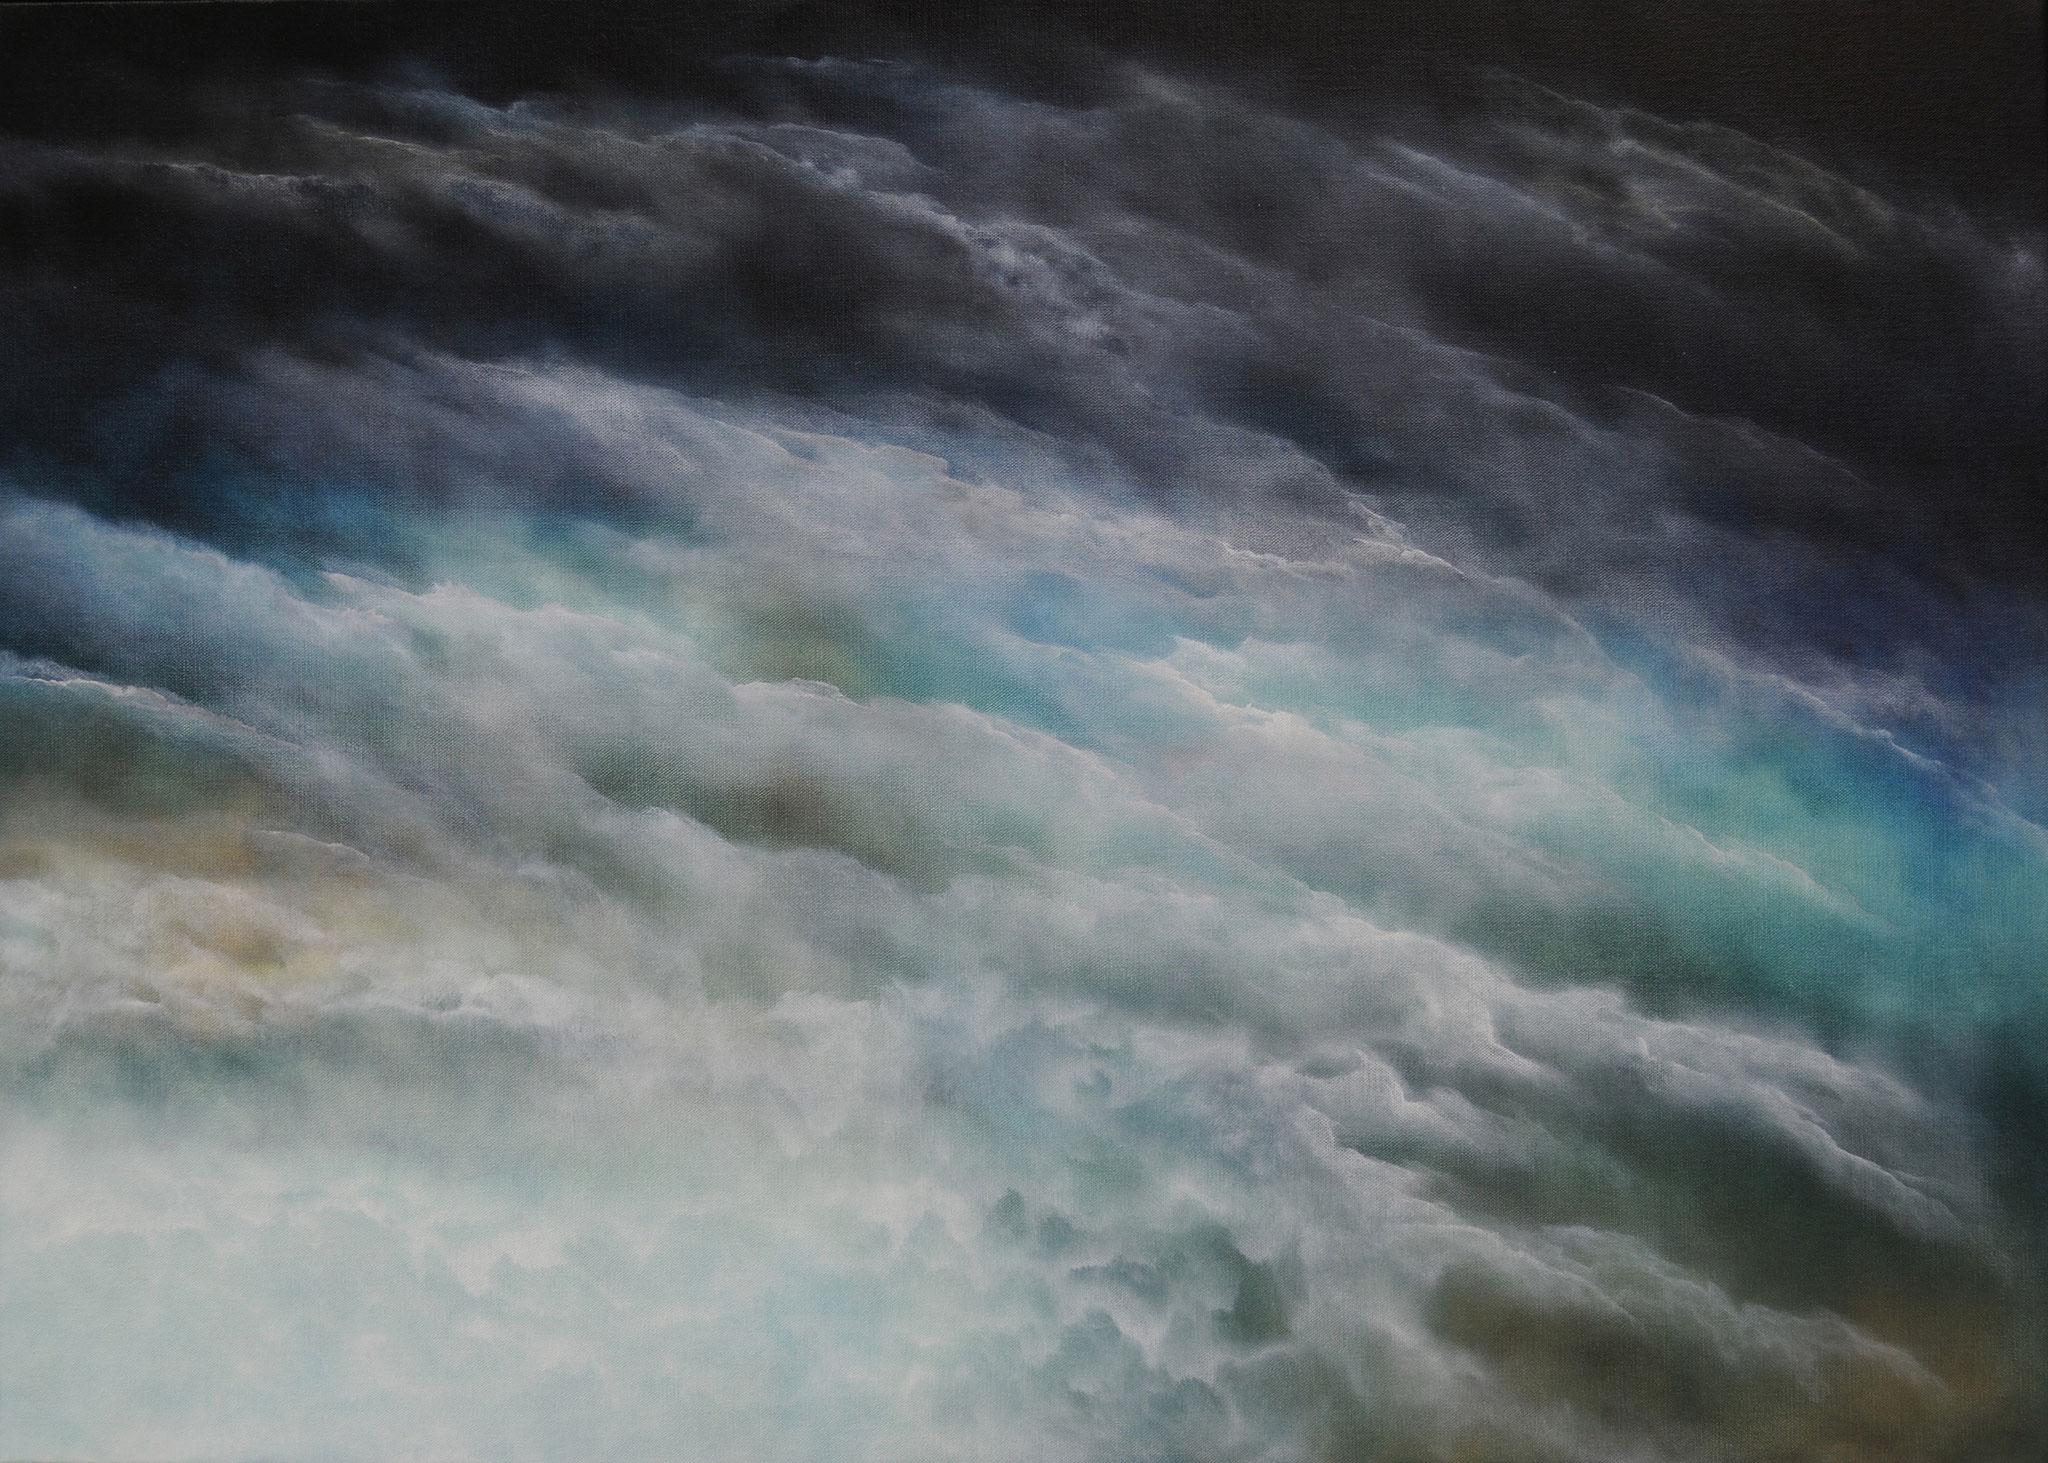 DIFFUSION 2, 2019, Öl/Lwd., 100 x 140cm